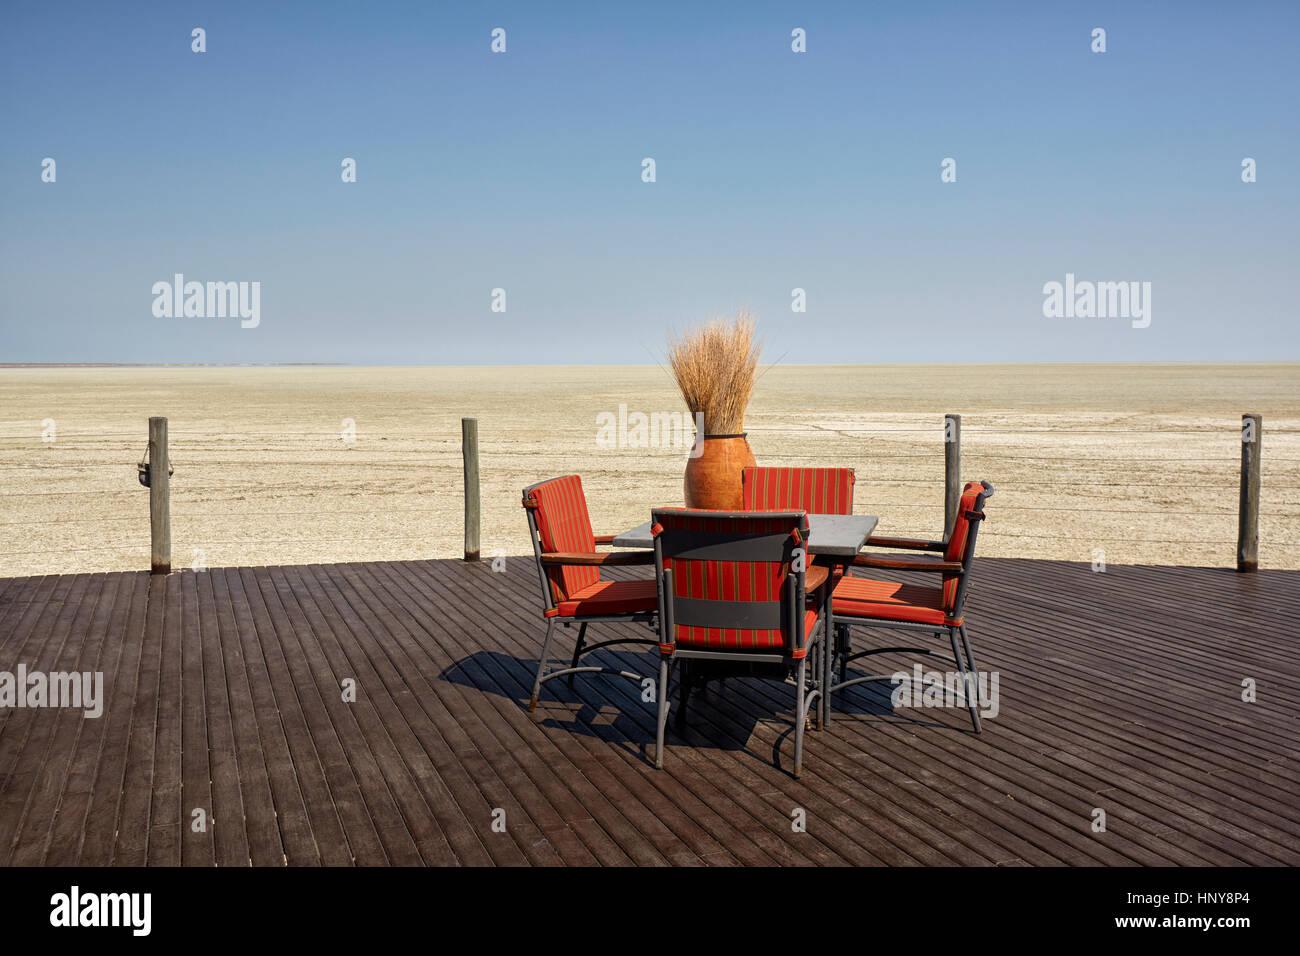 Outdoor seduto in Onkoshi camp ristorante, il Parco Nazionale di Etosha, Namibia, Africa Immagini Stock